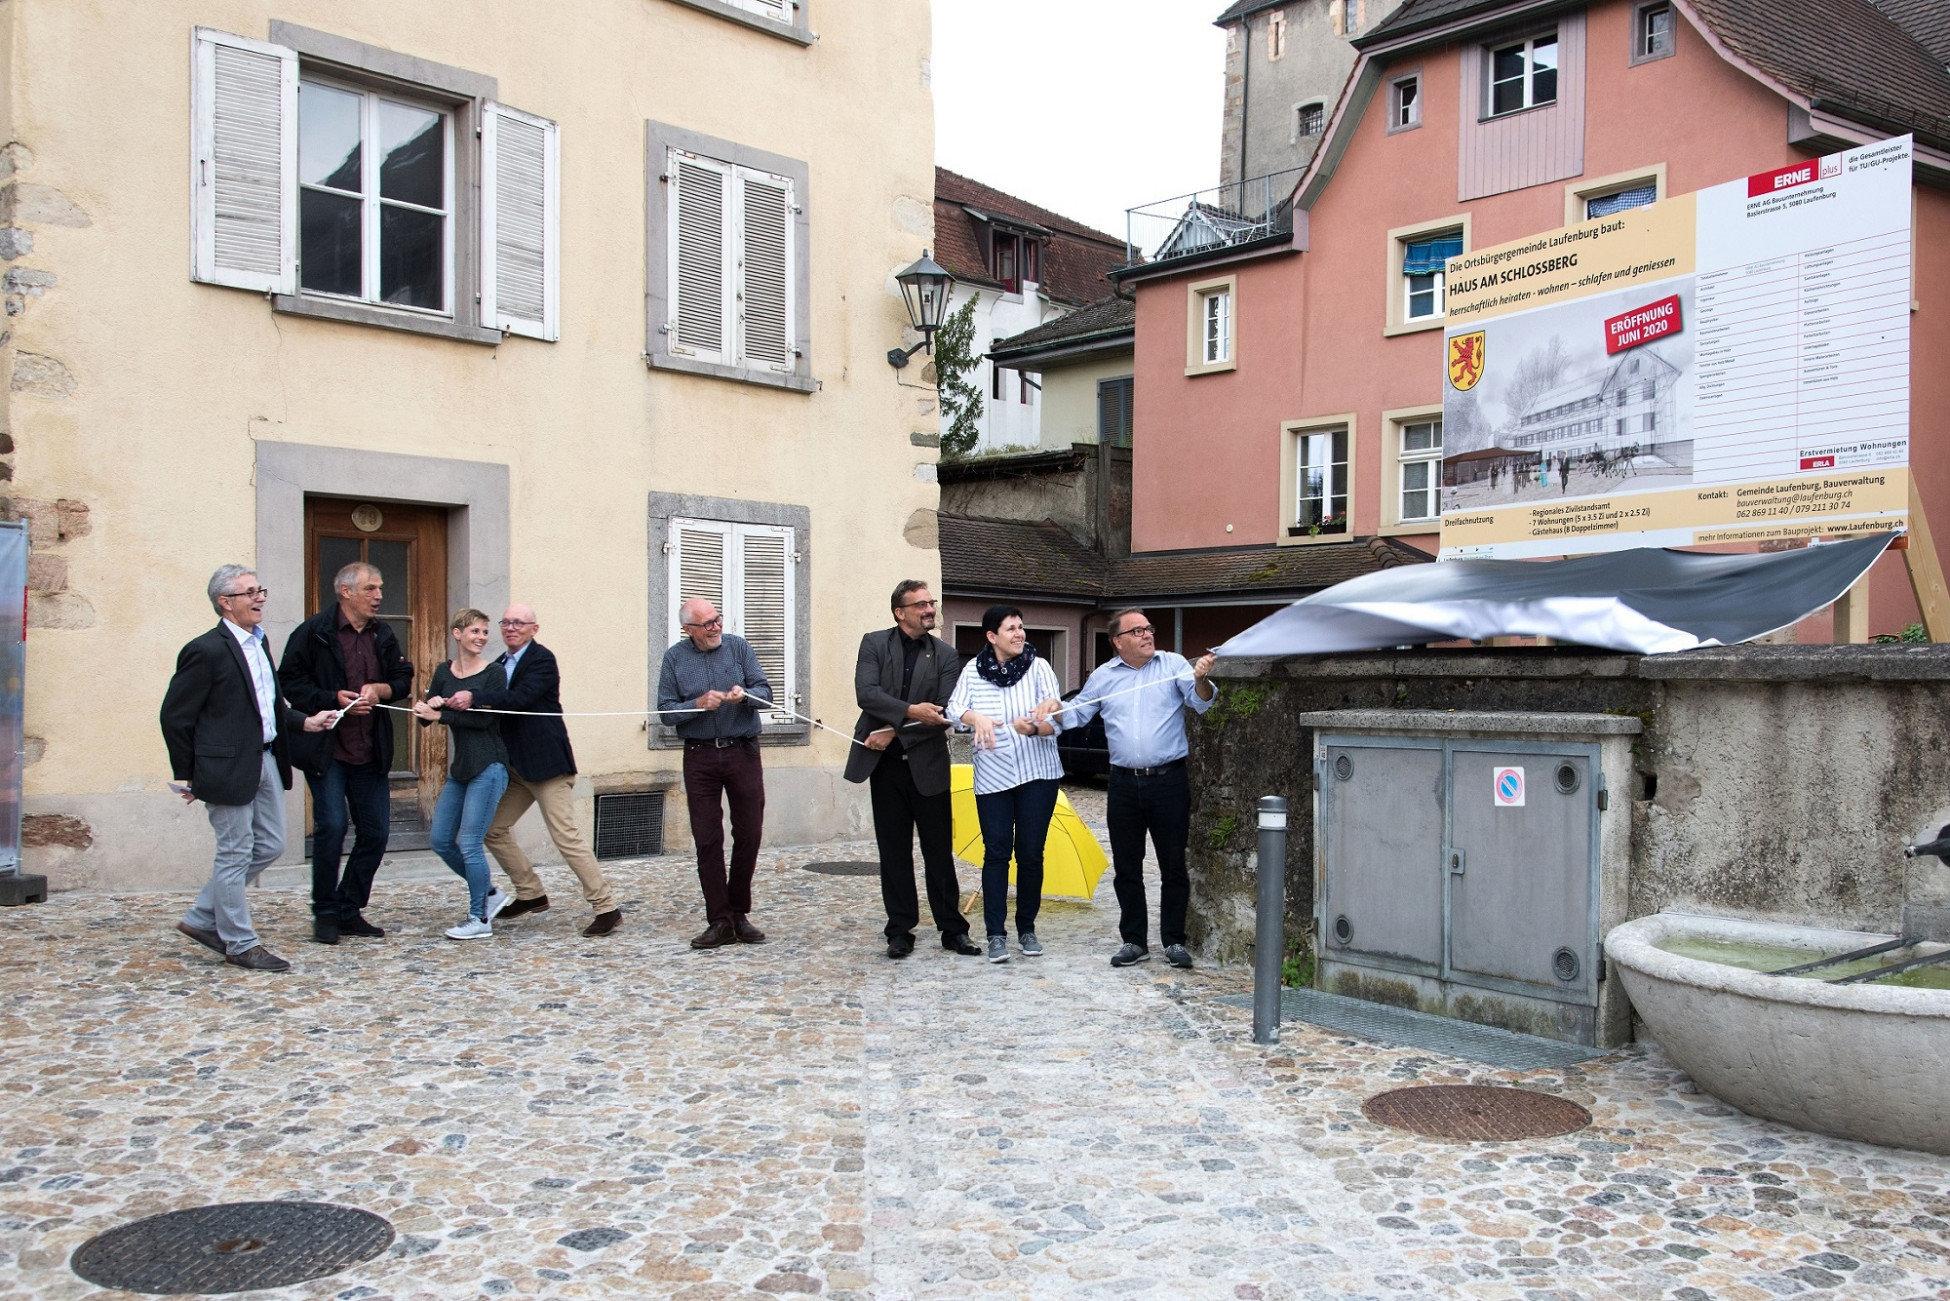 Umbau Sanierung Grimmer Liegenschaft Laufenburg Bautafel